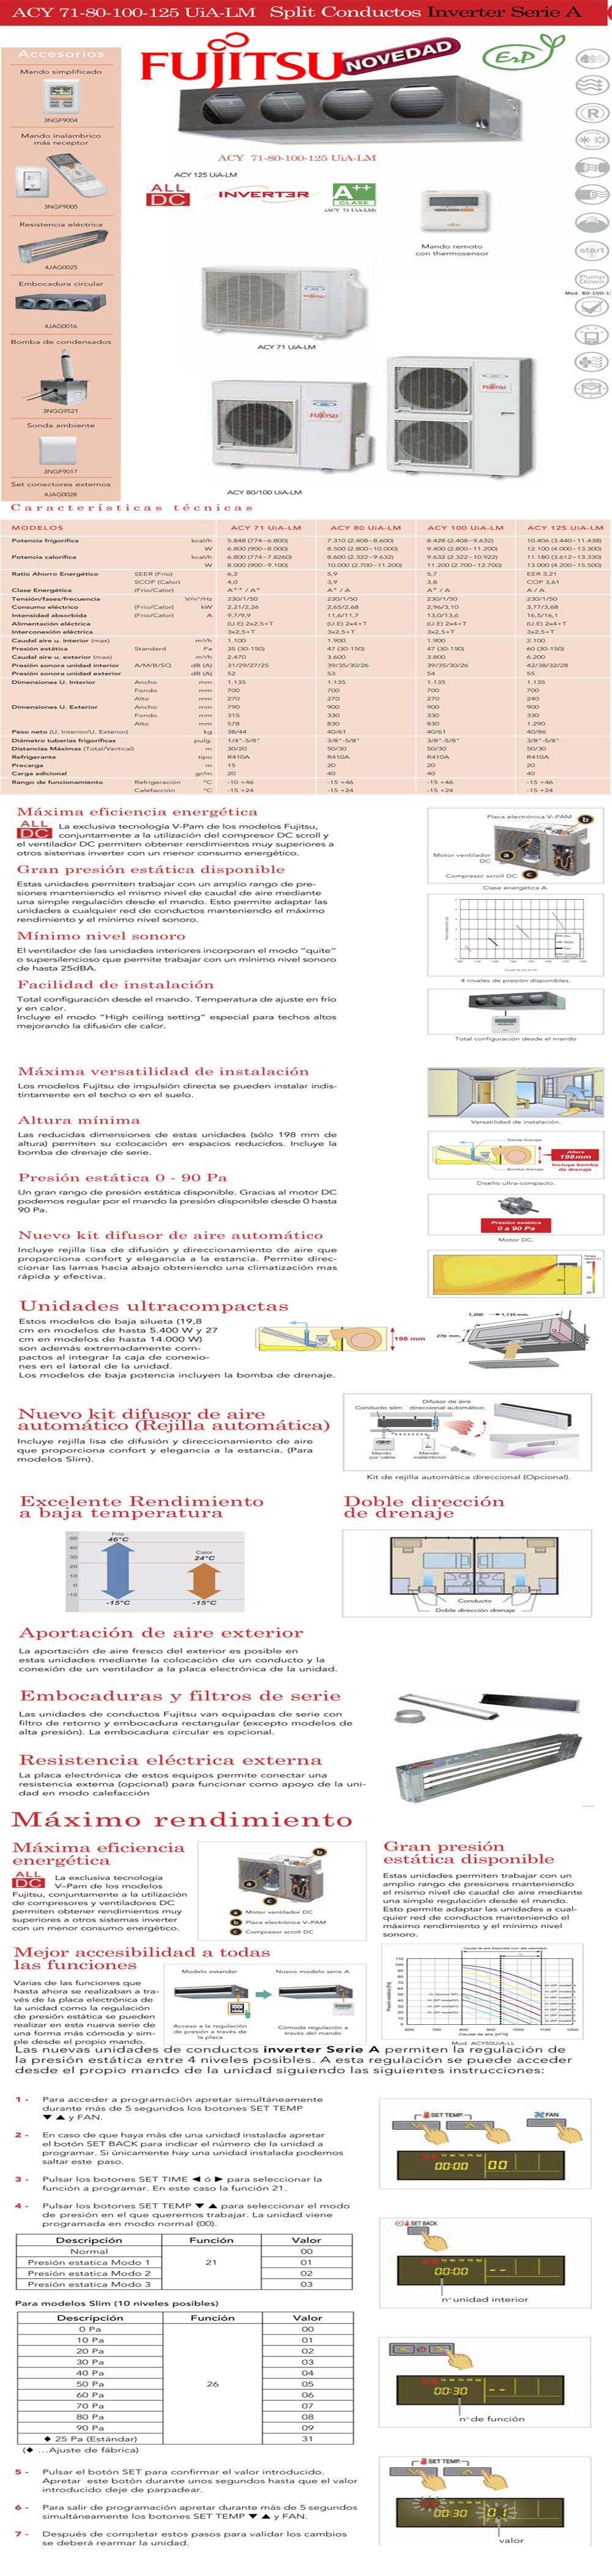 Fujitsu Conducto Acy 100 Uia Lm Splits Conductos Radiadores Calefacción Climastar Conducto Radiadores Compras